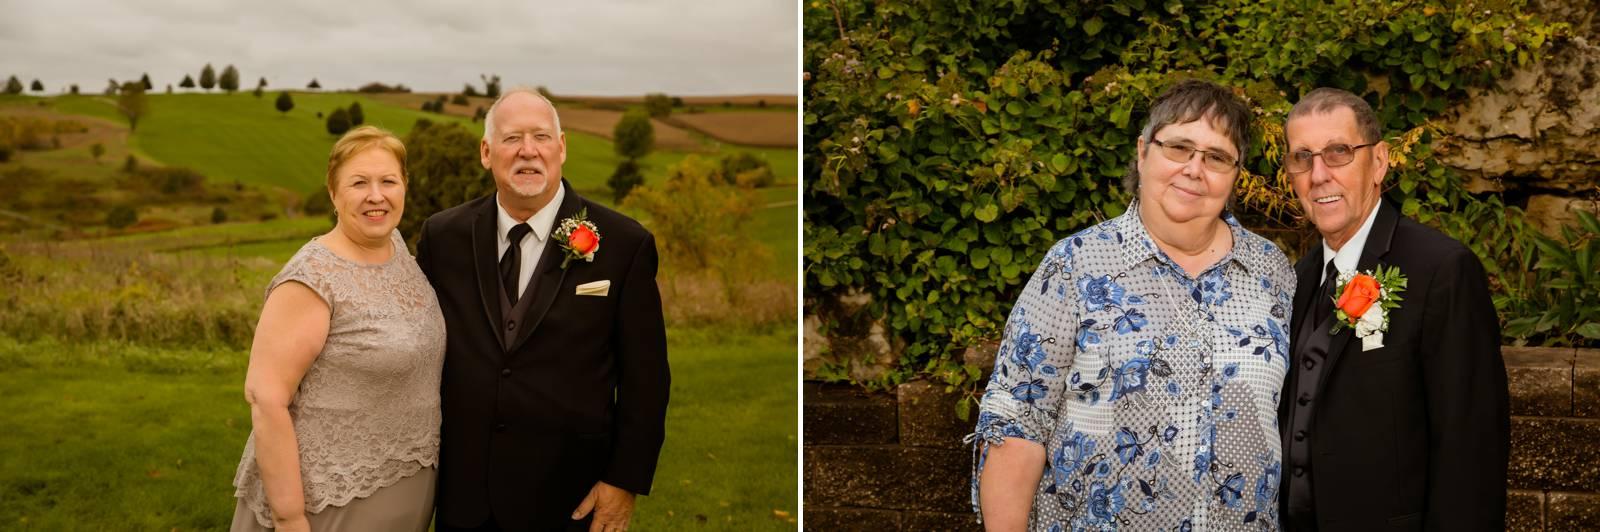 October-Wisconsin-Wedding_2018-13.jpg